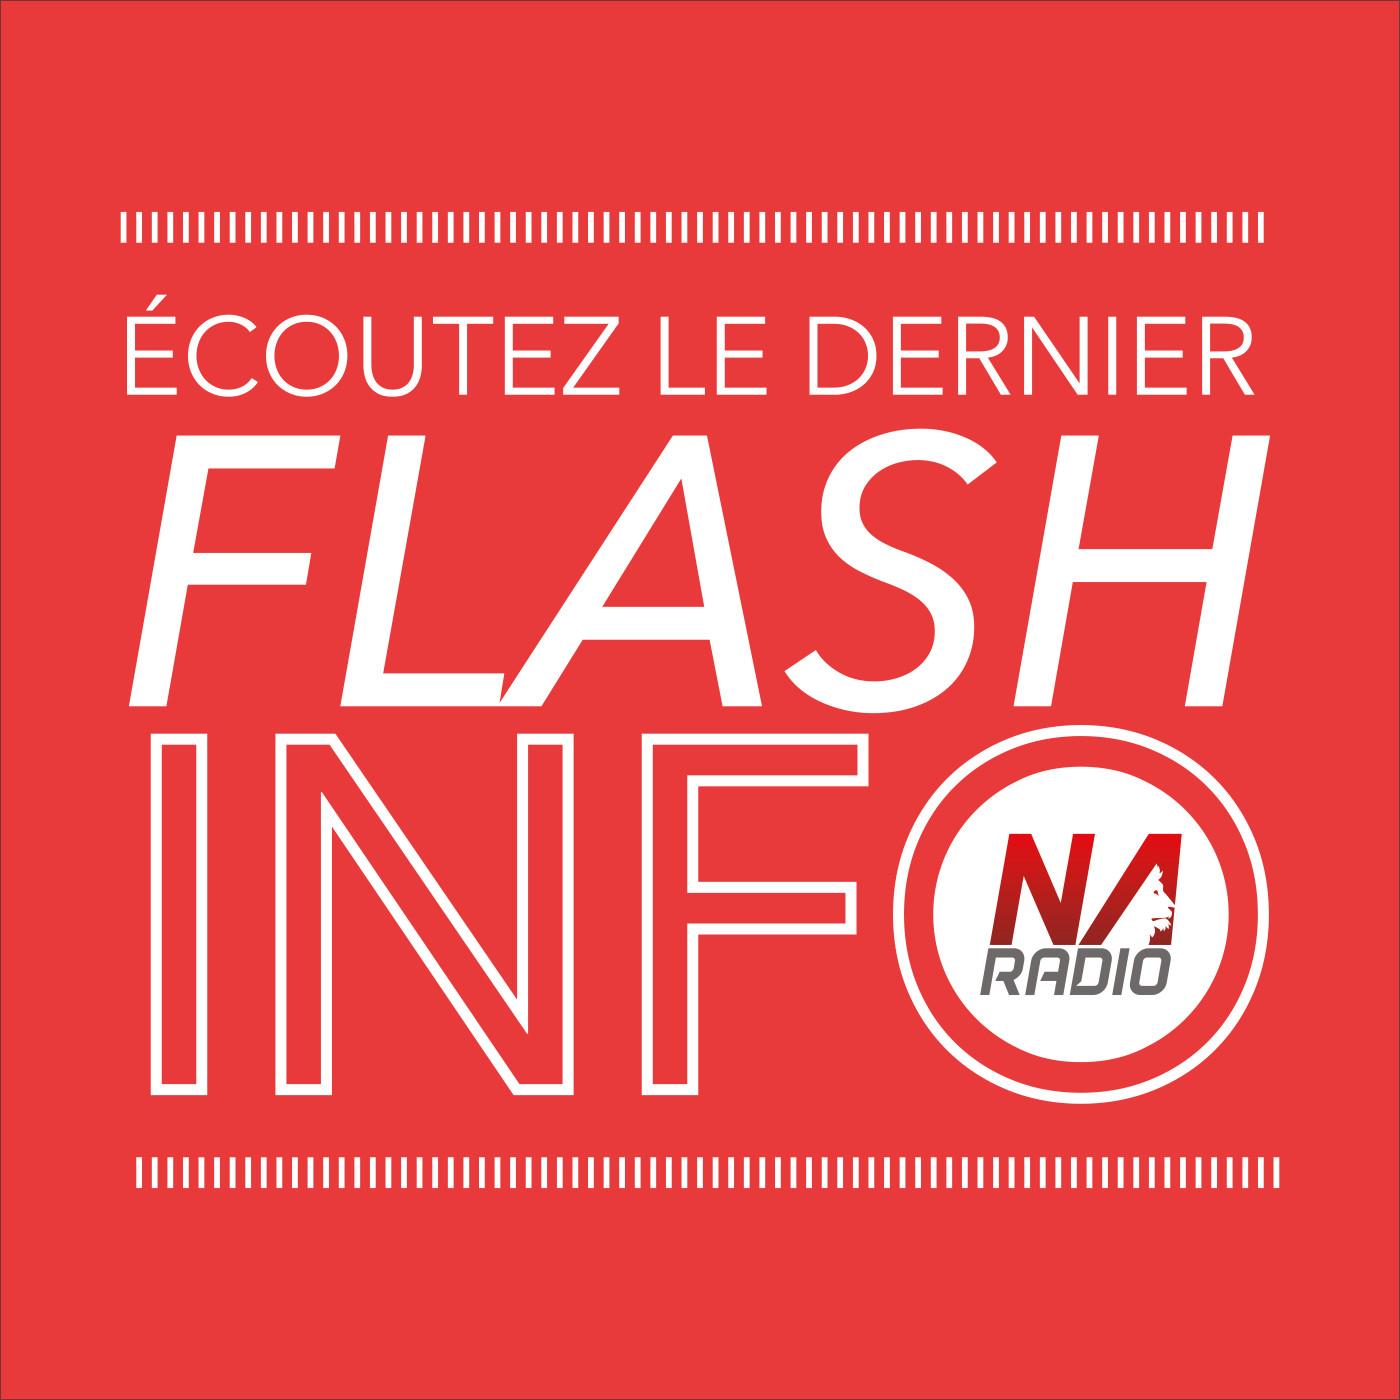 FLASH MATIN - 19 DÉCEMBRE